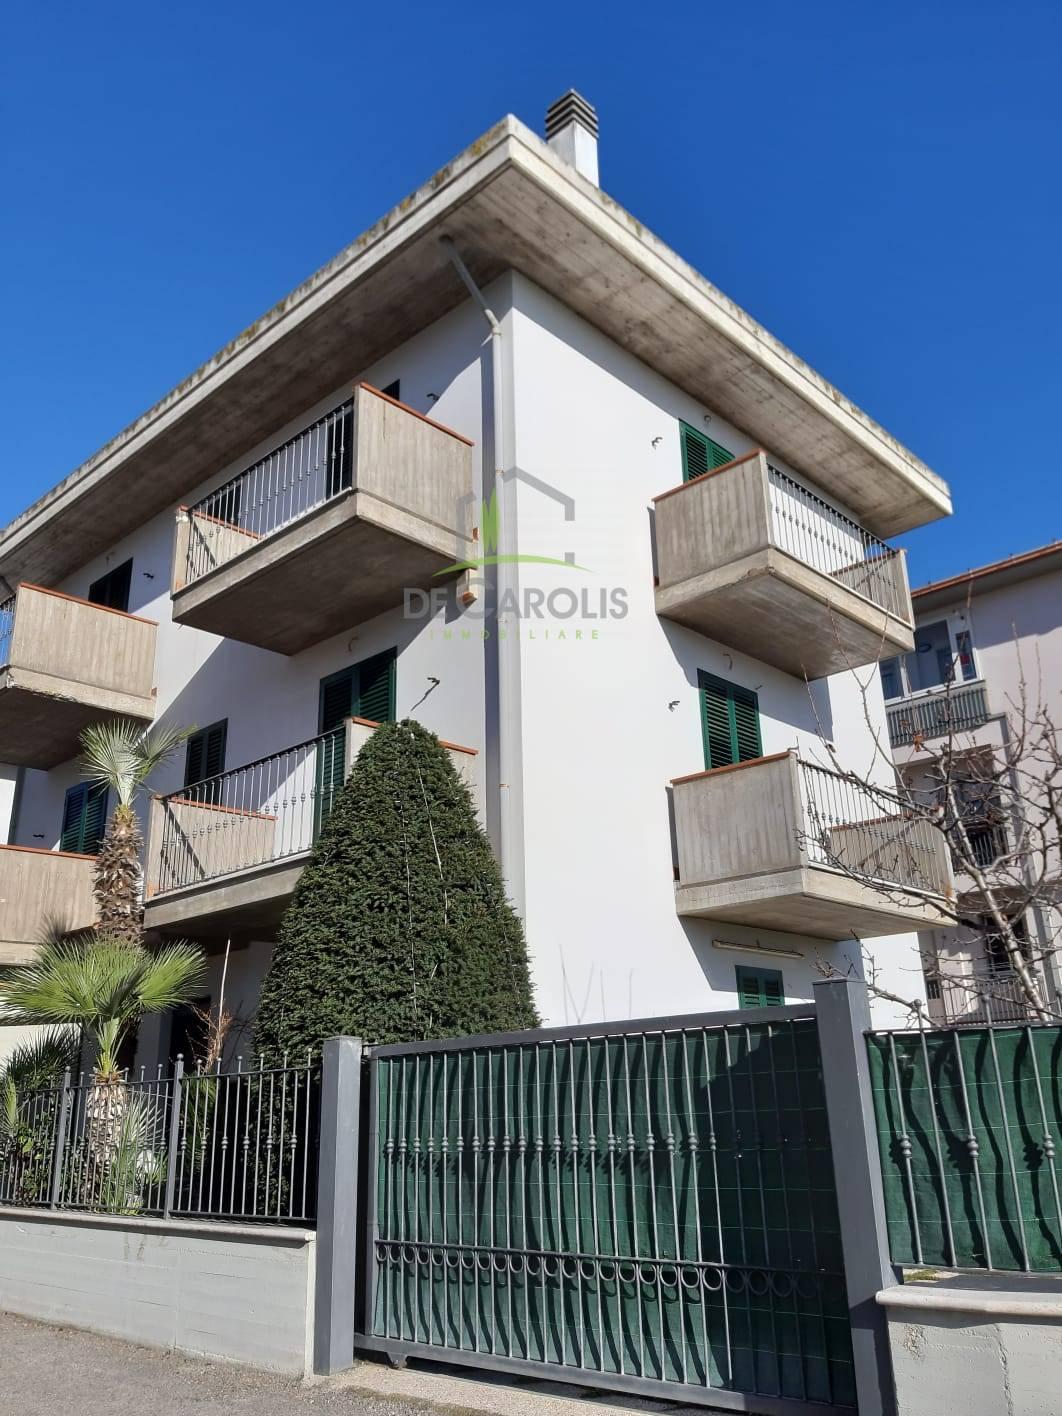 Appartamento in vendita a San Benedetto del Tronto, 3 locali, zona Località: PortodAscoli, prezzo € 75.000 | PortaleAgenzieImmobiliari.it